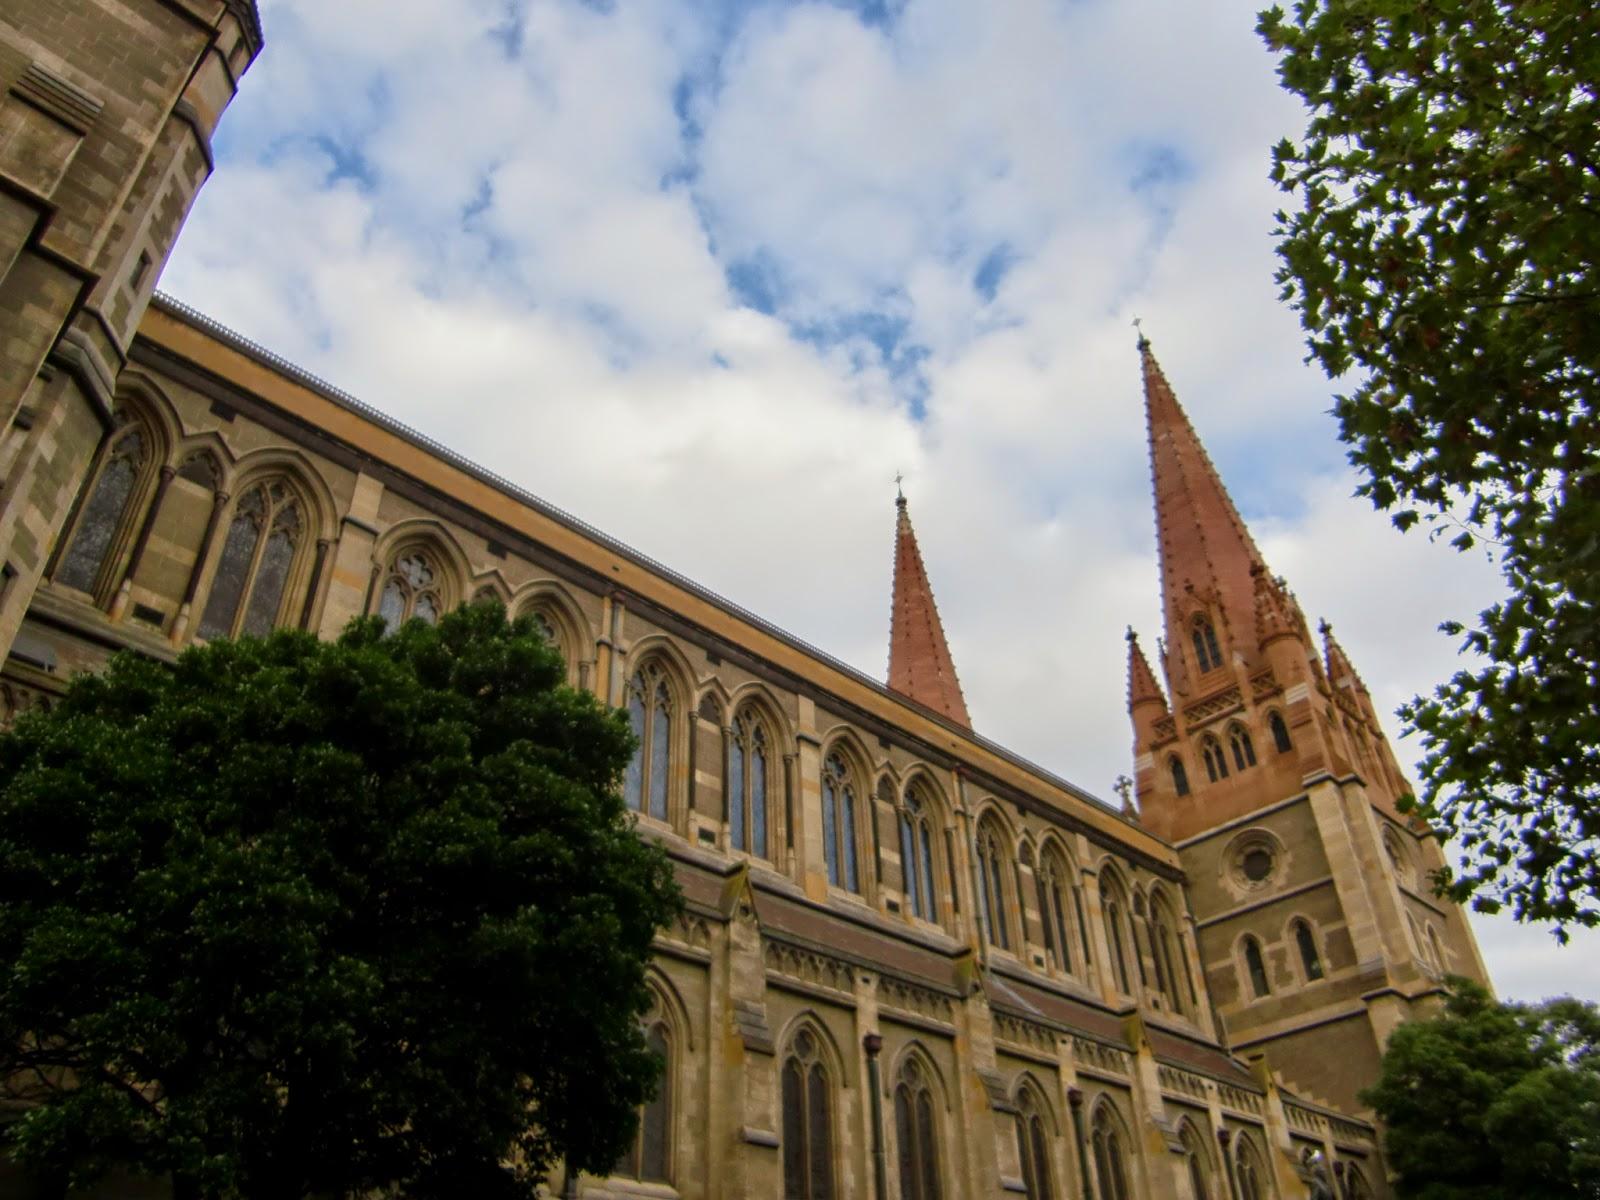 [澳洲工作假期系列] 聖保羅教堂 & 聯邦廣場 2